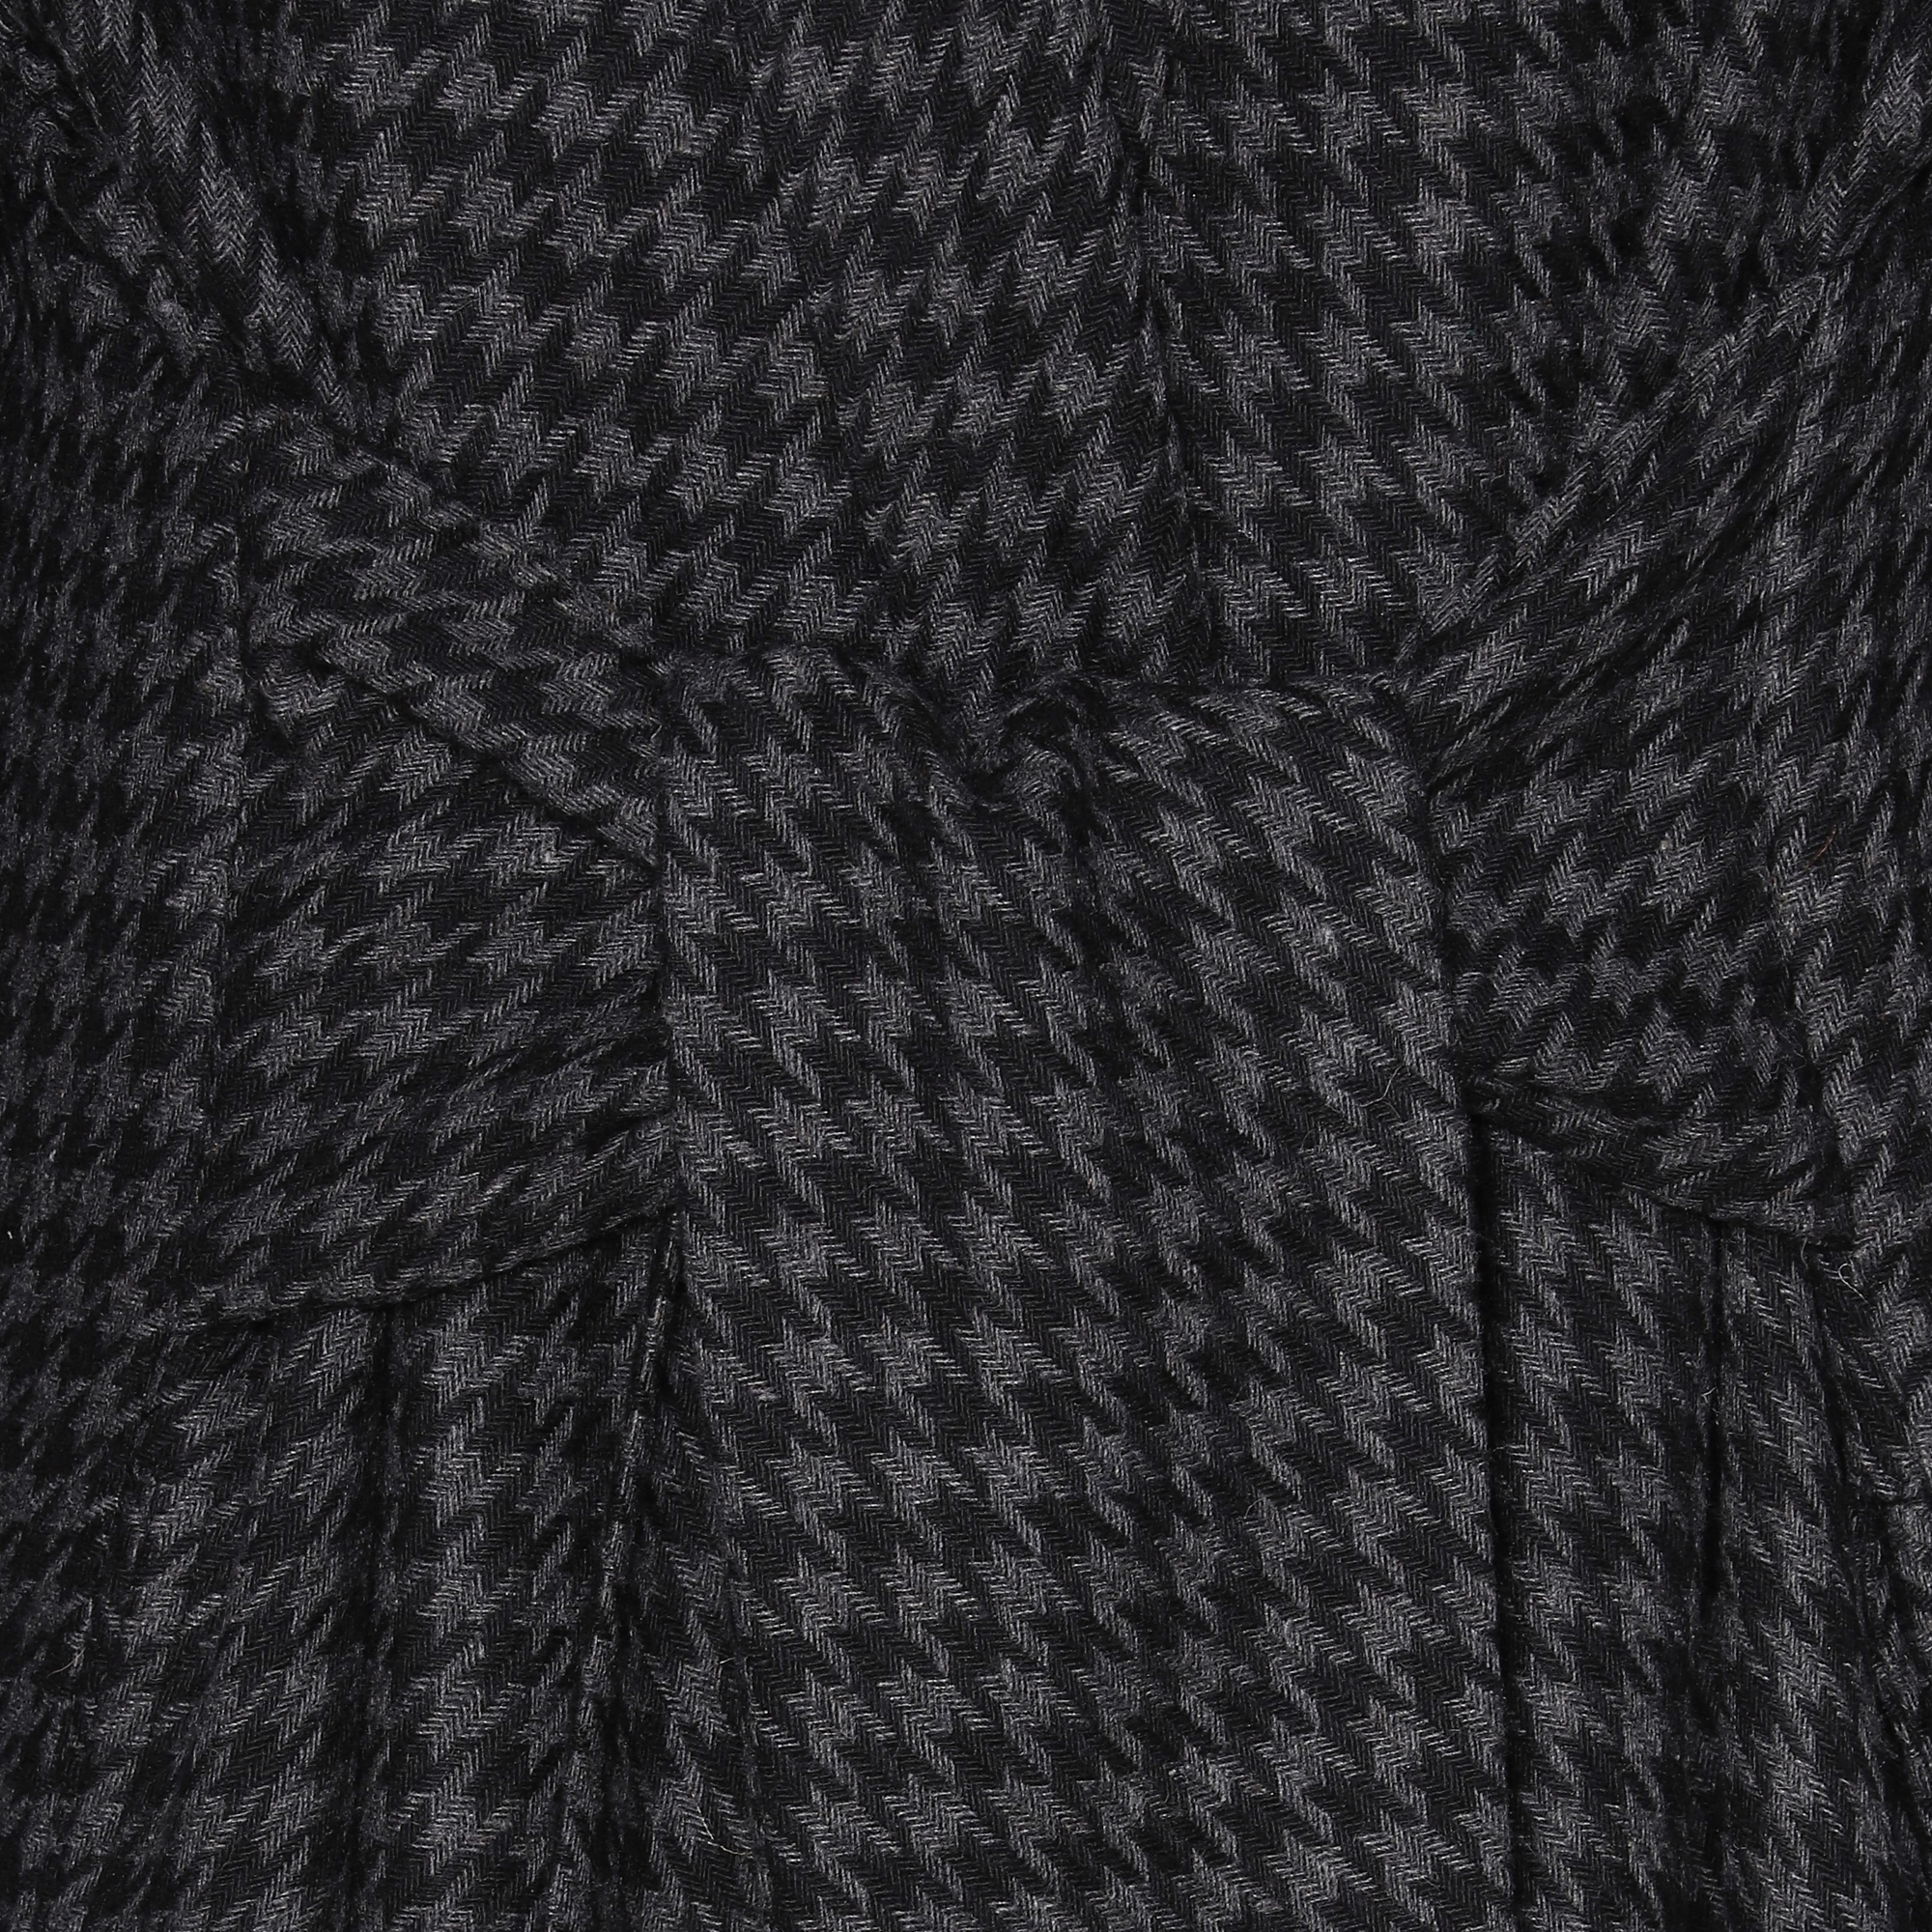 Kappa, Karmamia, Collins Coat, No 1